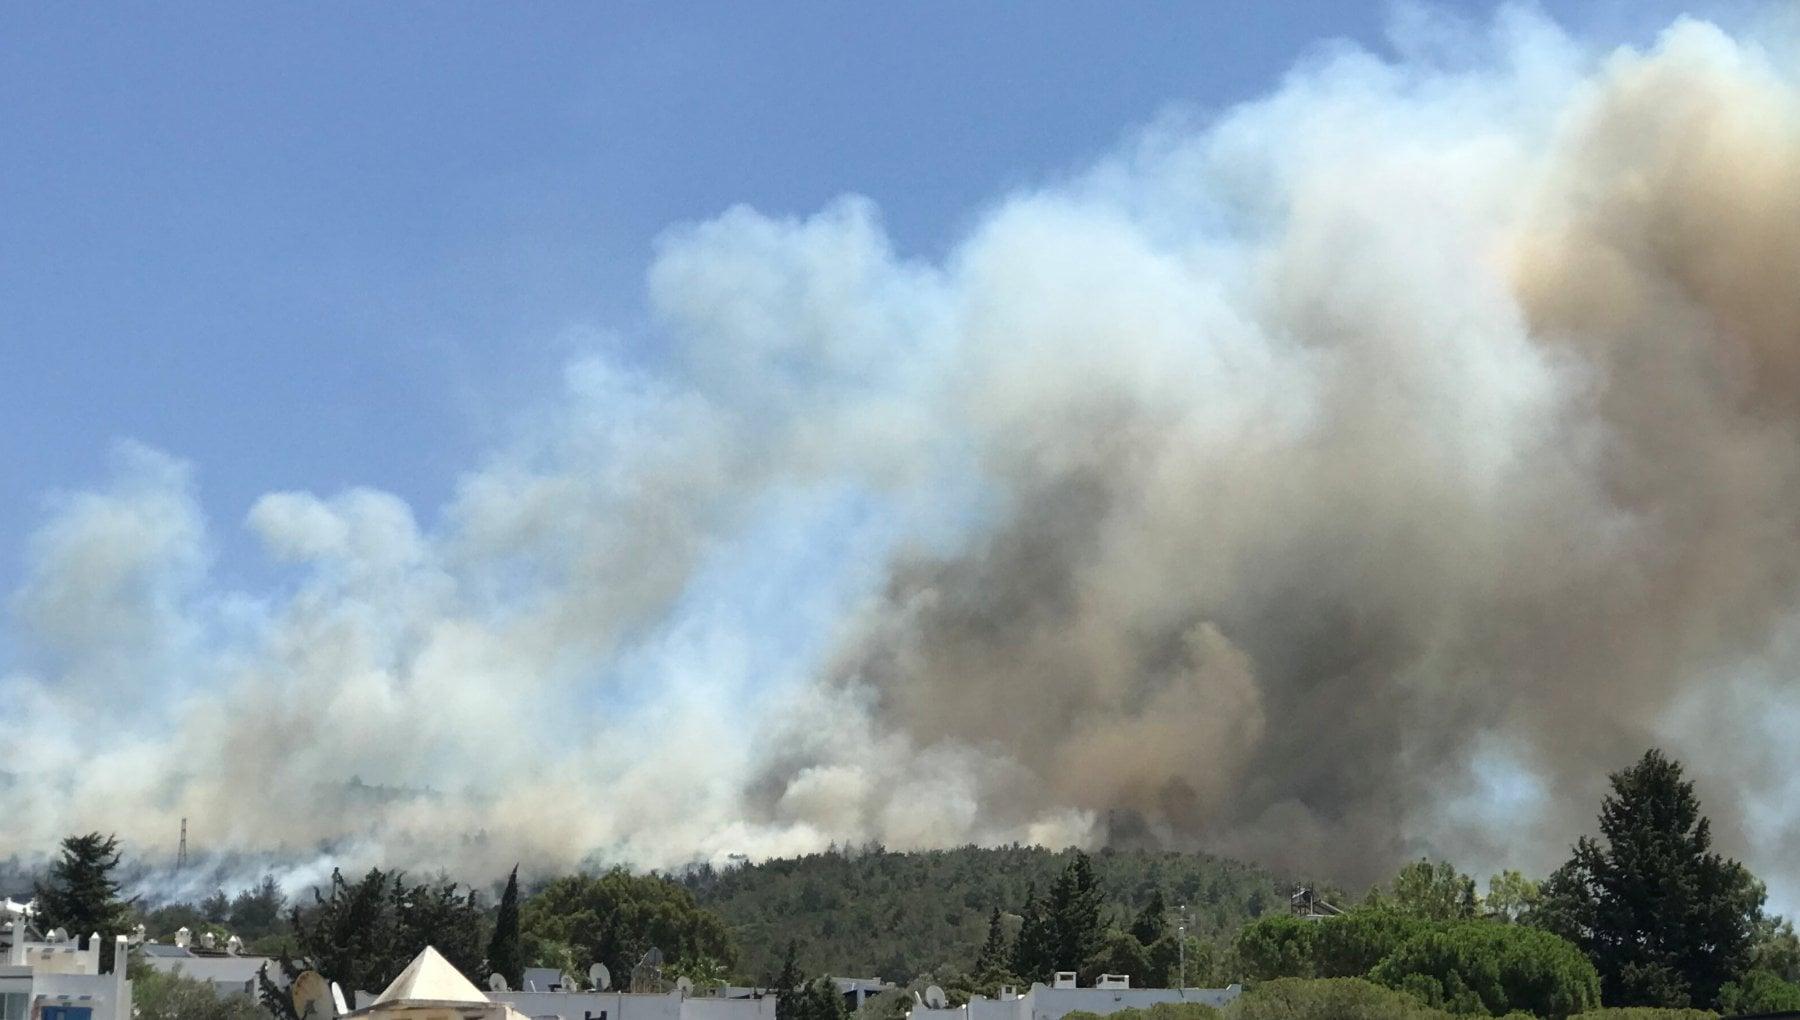 111120654 f0321f47 bb03 4d39 97e6 b0401459027c - Incendi in Turchia: Il sud continua a bruciare, turisti in fuga